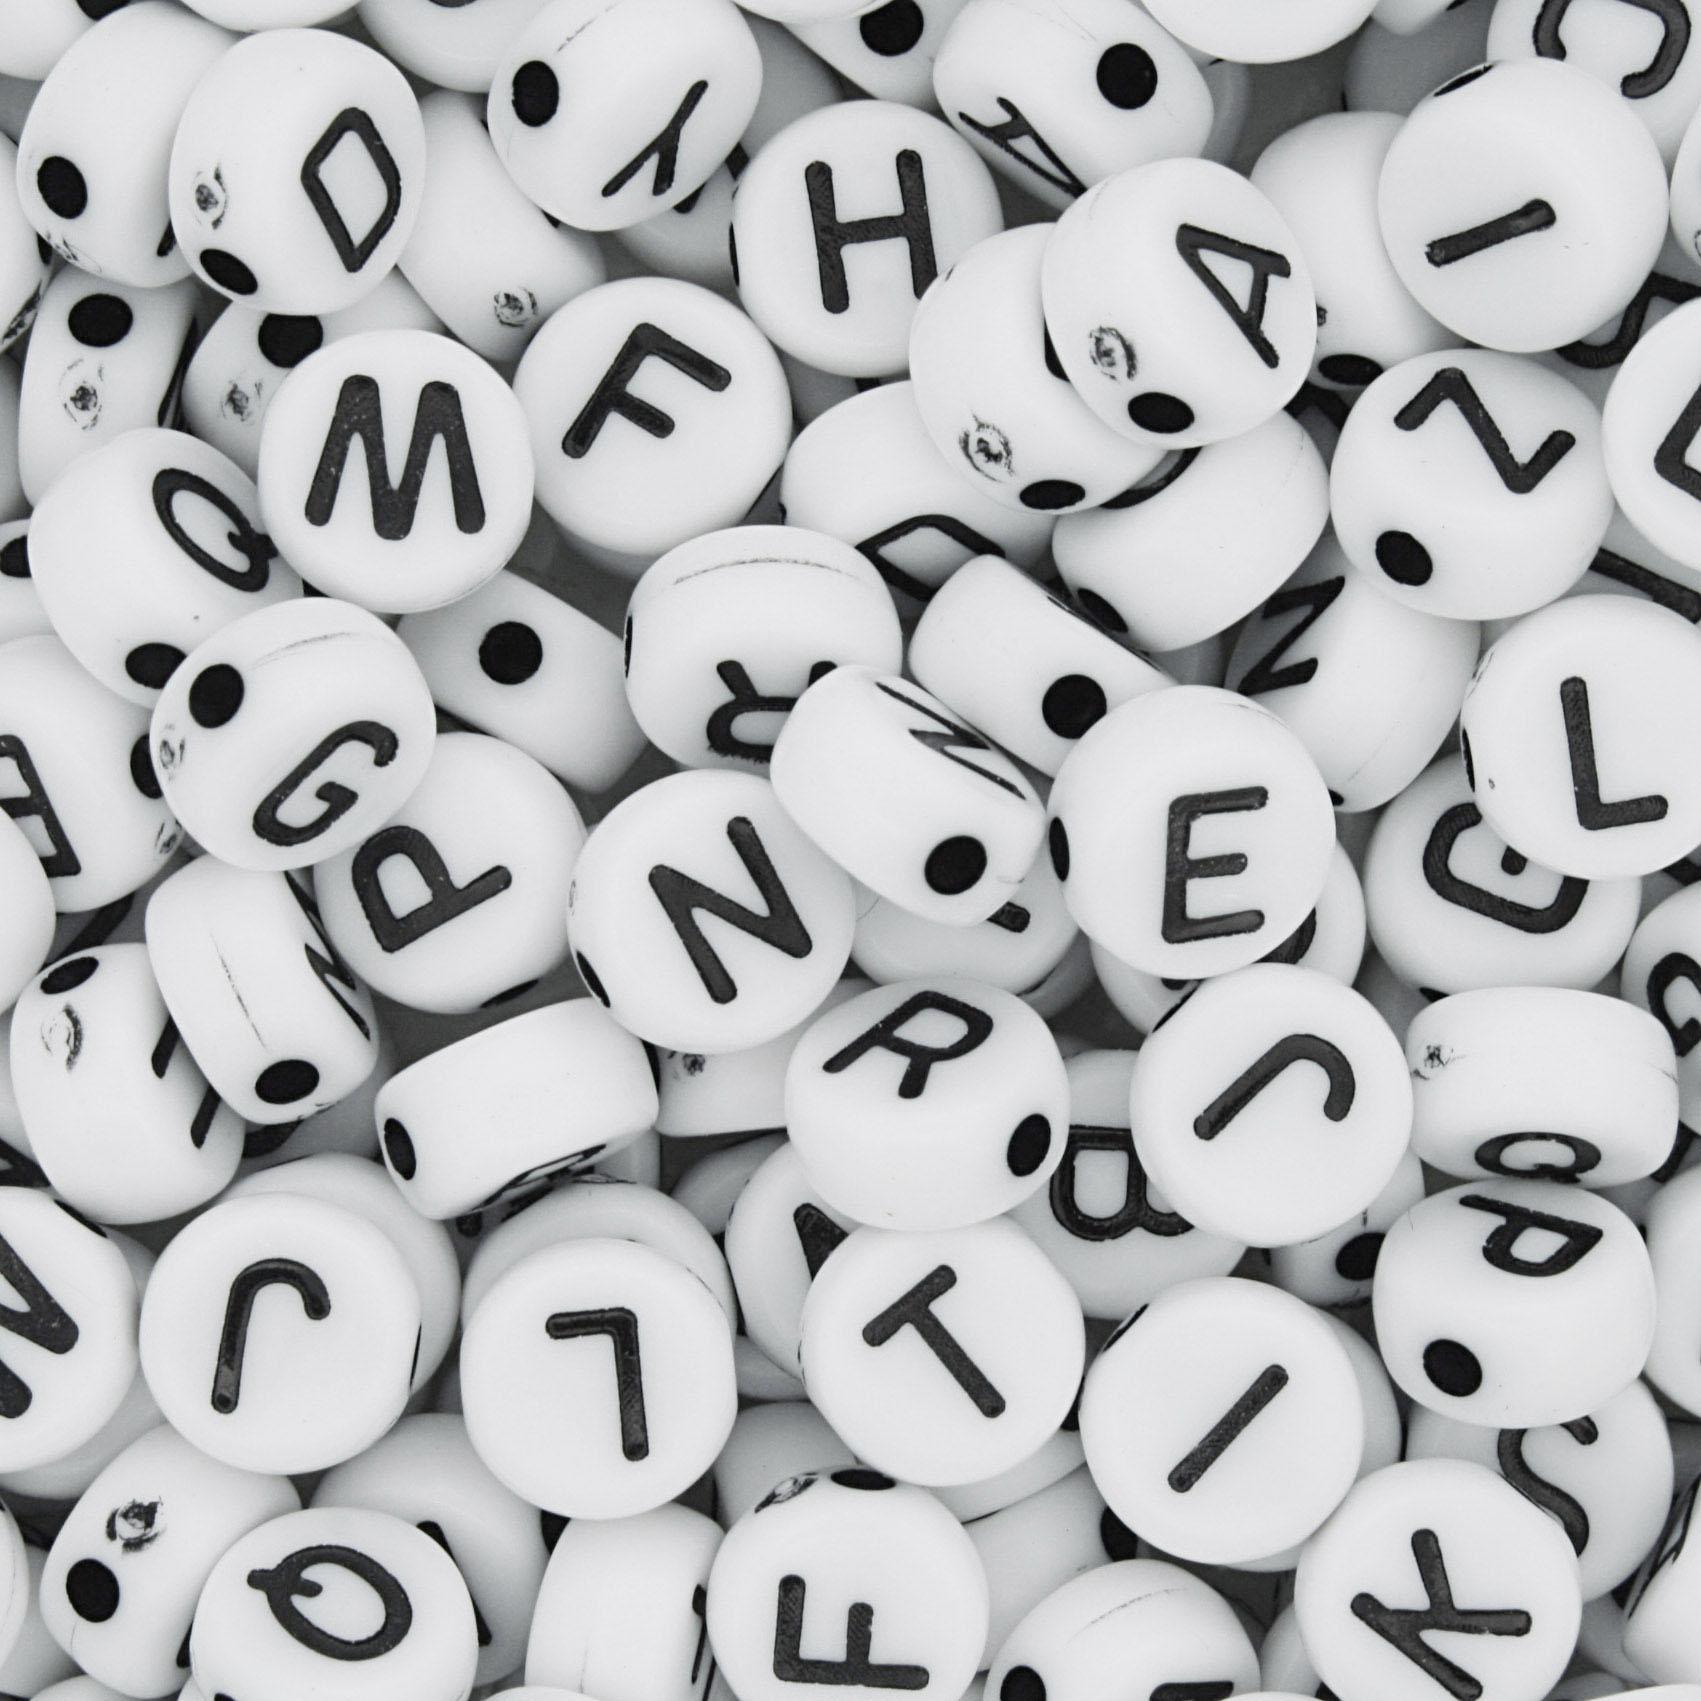 Miçanga - Letras Disco Branca e Preta  - Stéphanie Bijoux® - Peças para Bijuterias e Artesanato